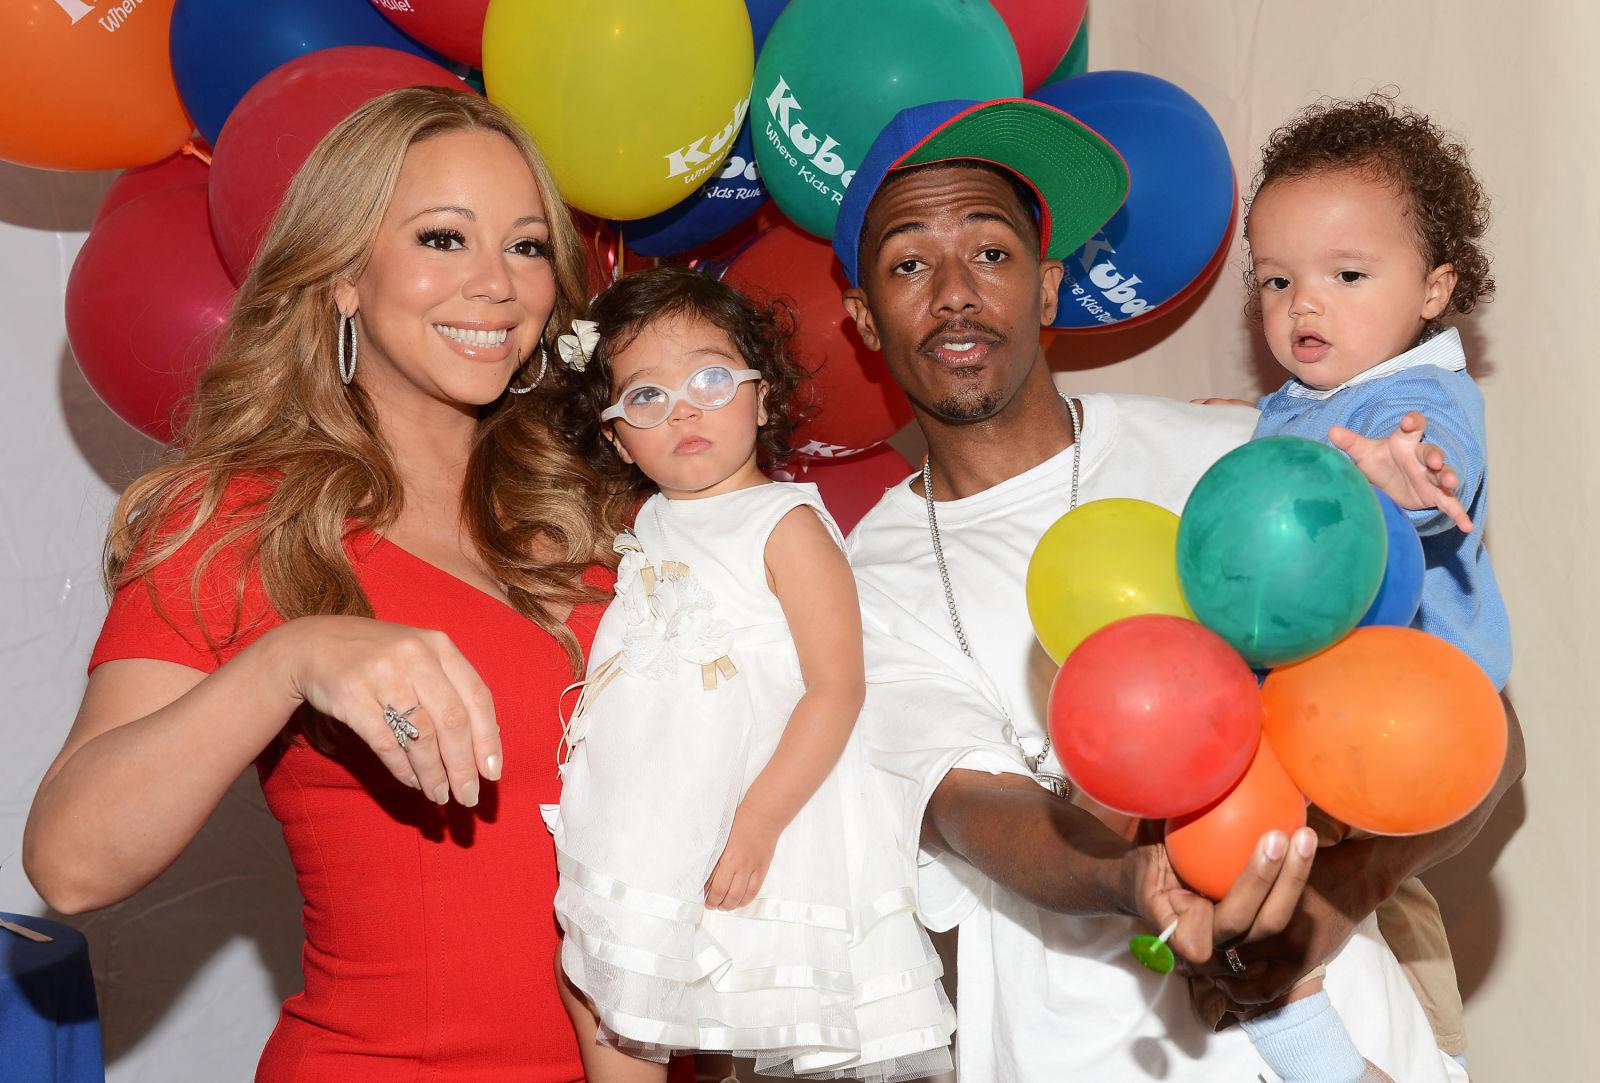 Мэрайя Кэри и Ник Кэннон У пары, которая сейчас уже в разводе, в 2011 году появились близнецы Морокк